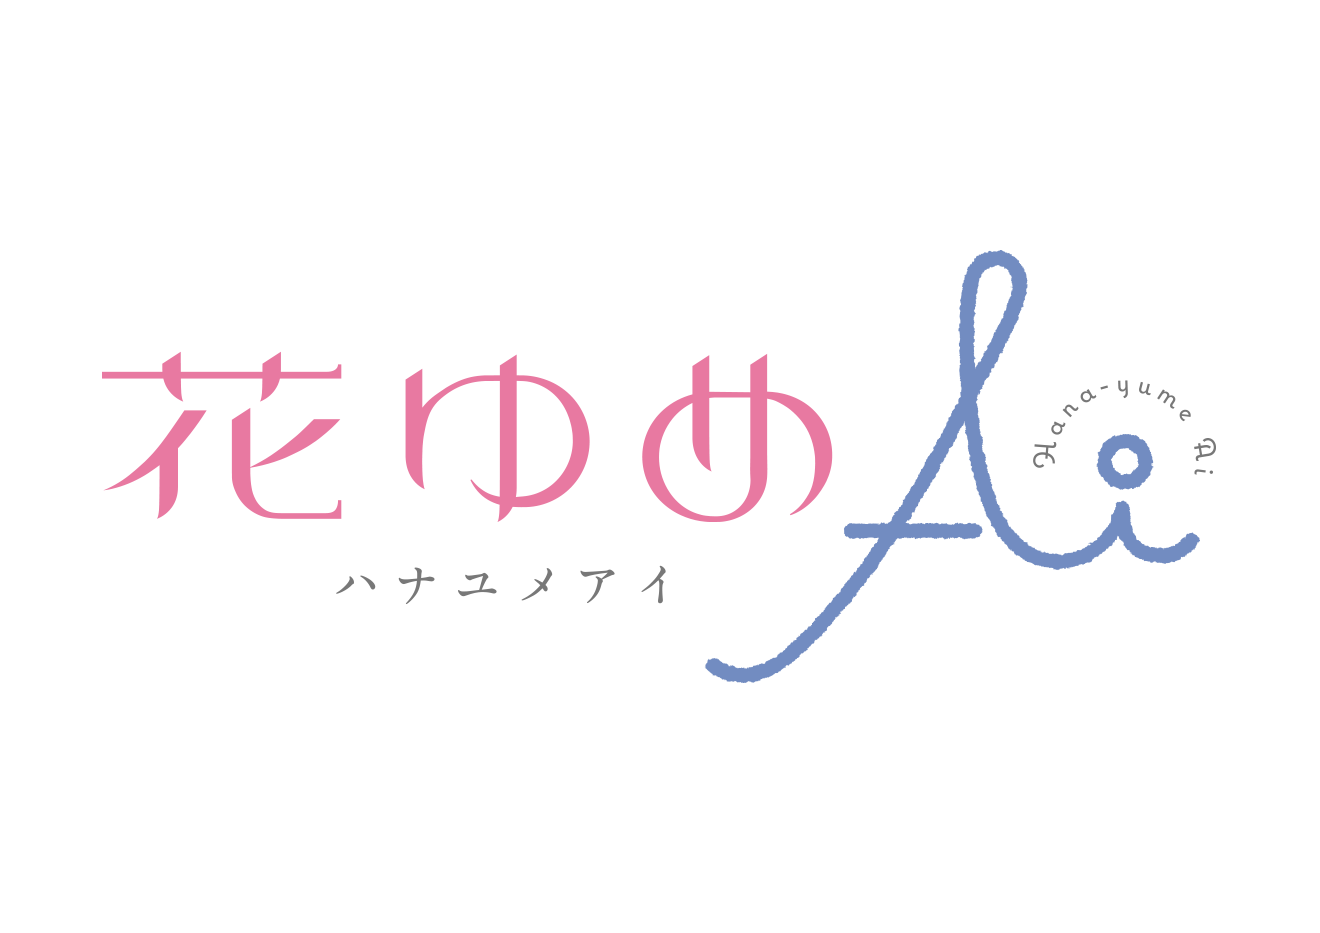 花ゆめAi | ロゴ